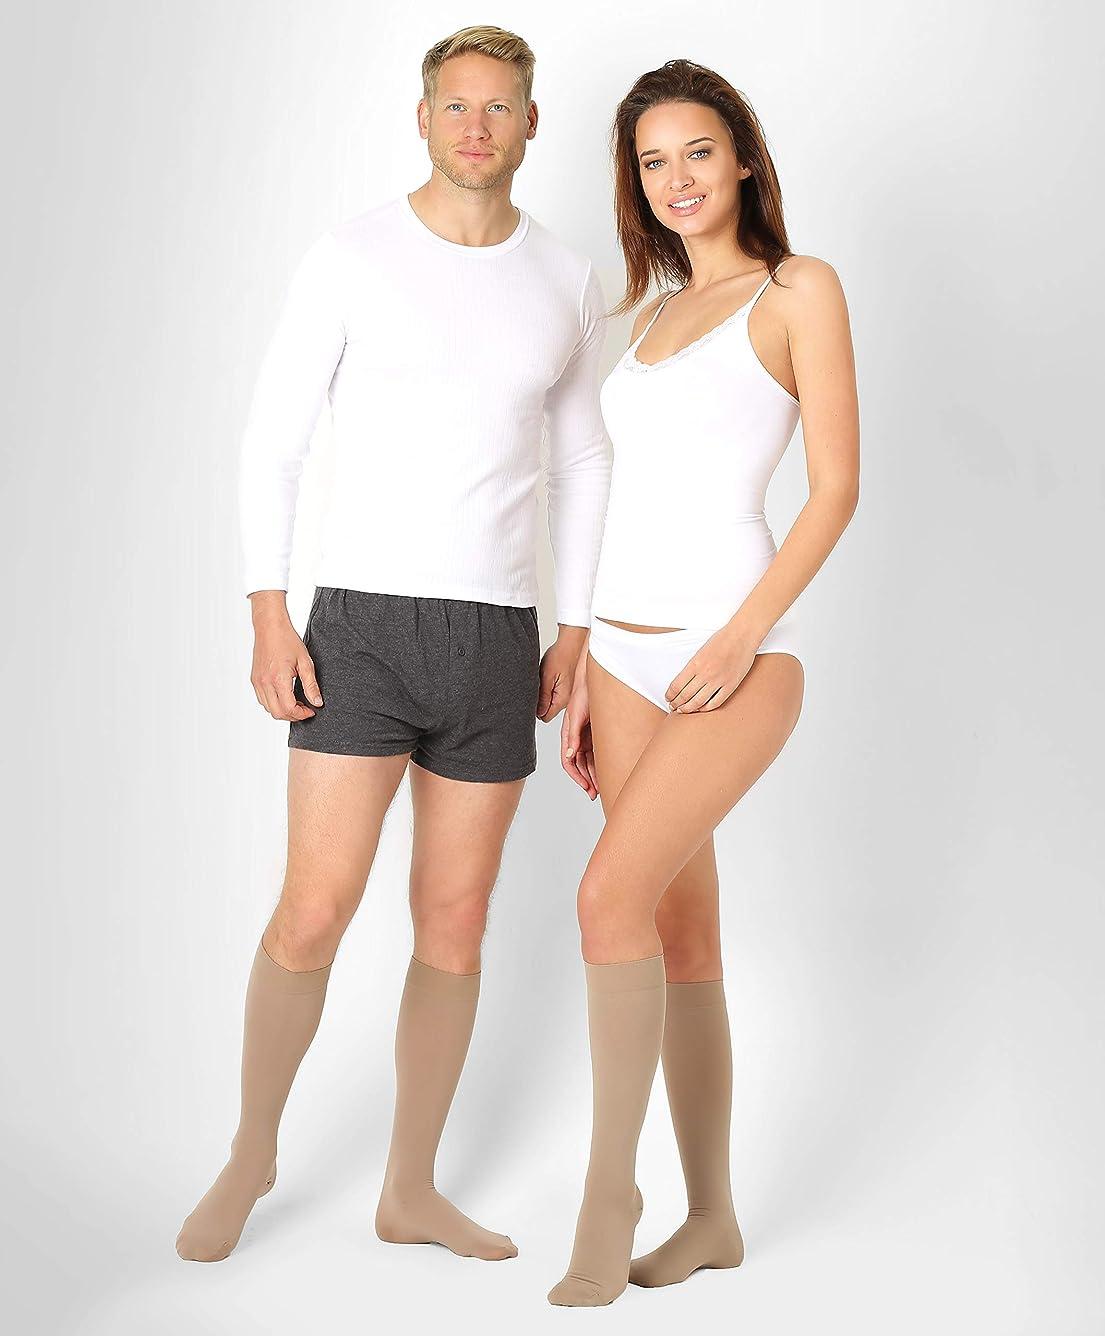 バス波入学するBeFit24医療用着圧ソックスクラス2 (23-32 mmHg) 男性?女性用 ー あらゆるライフスタイルのニーズに対応ヨーロッパ製 Medium Beige 2rost